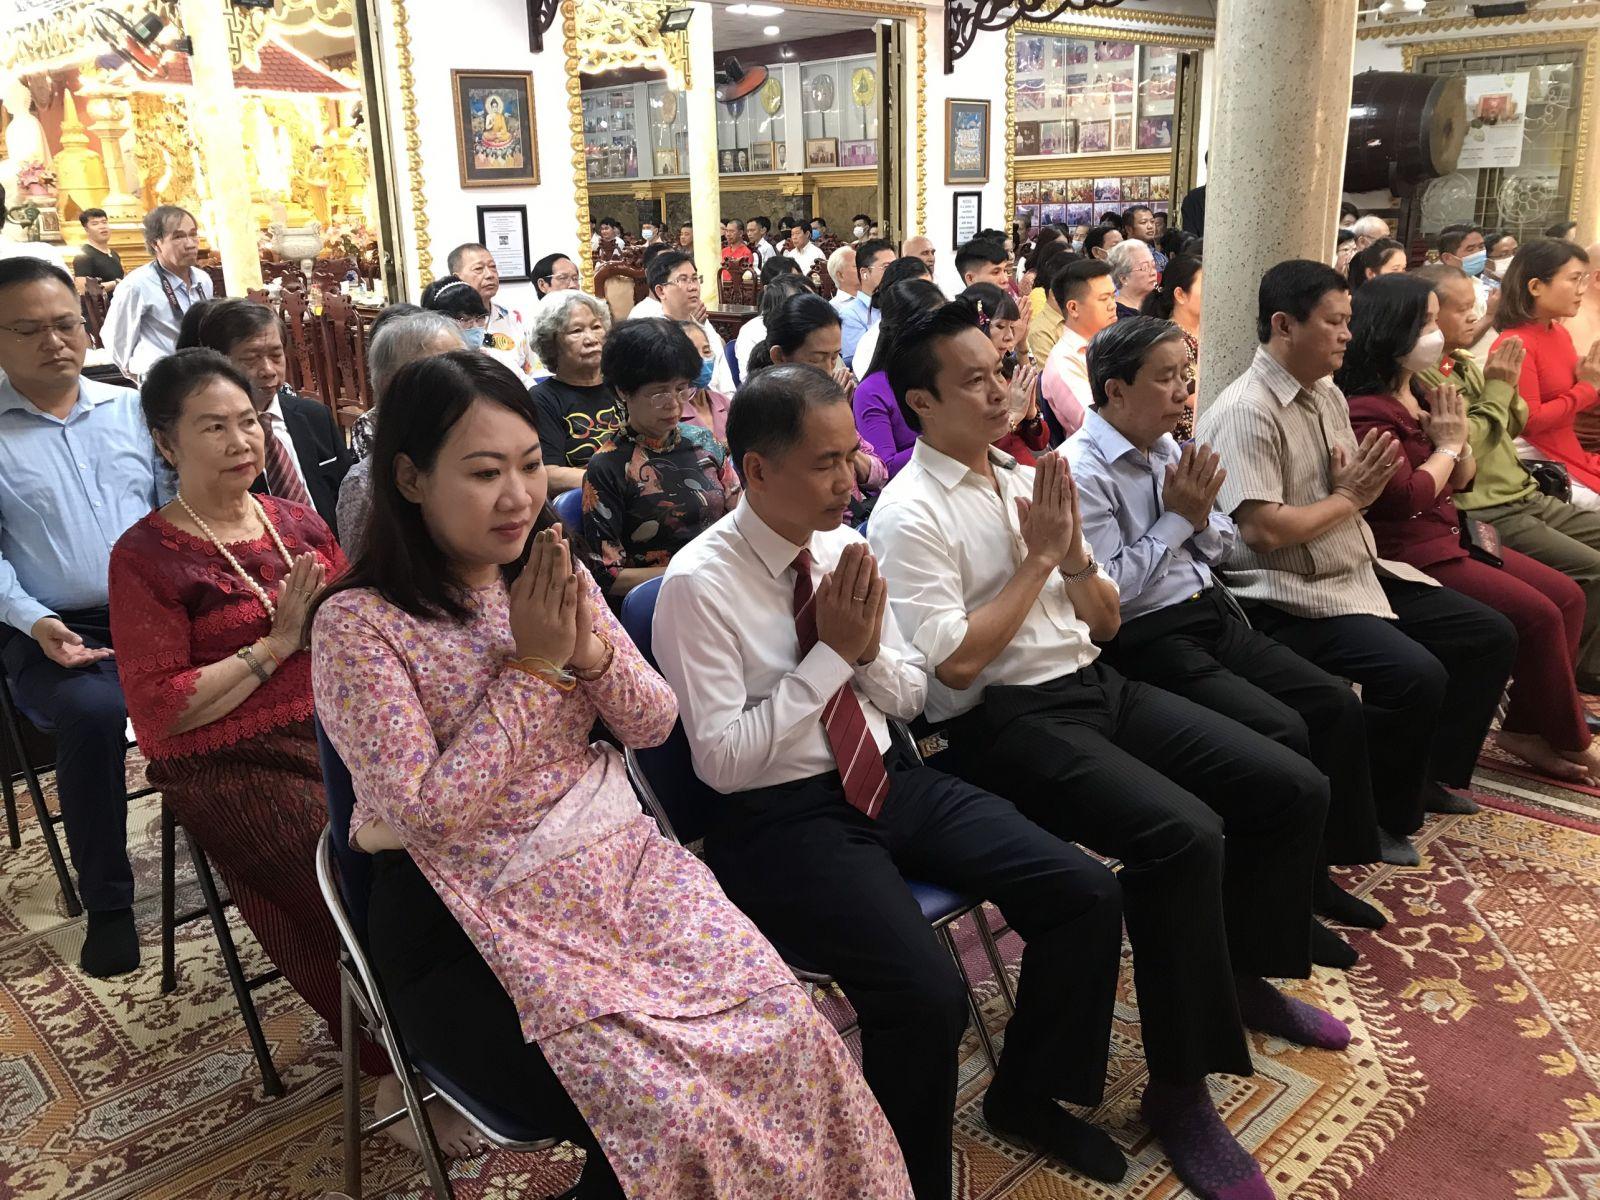 Các đại biểu tham dự Lễ hội tết Cổ truyền 4 nước Campuchia, Lào, Myanmar và Thái Lan tại Chùa Phổ Minh, Quận Gò Vấp ngày 14/4/2021